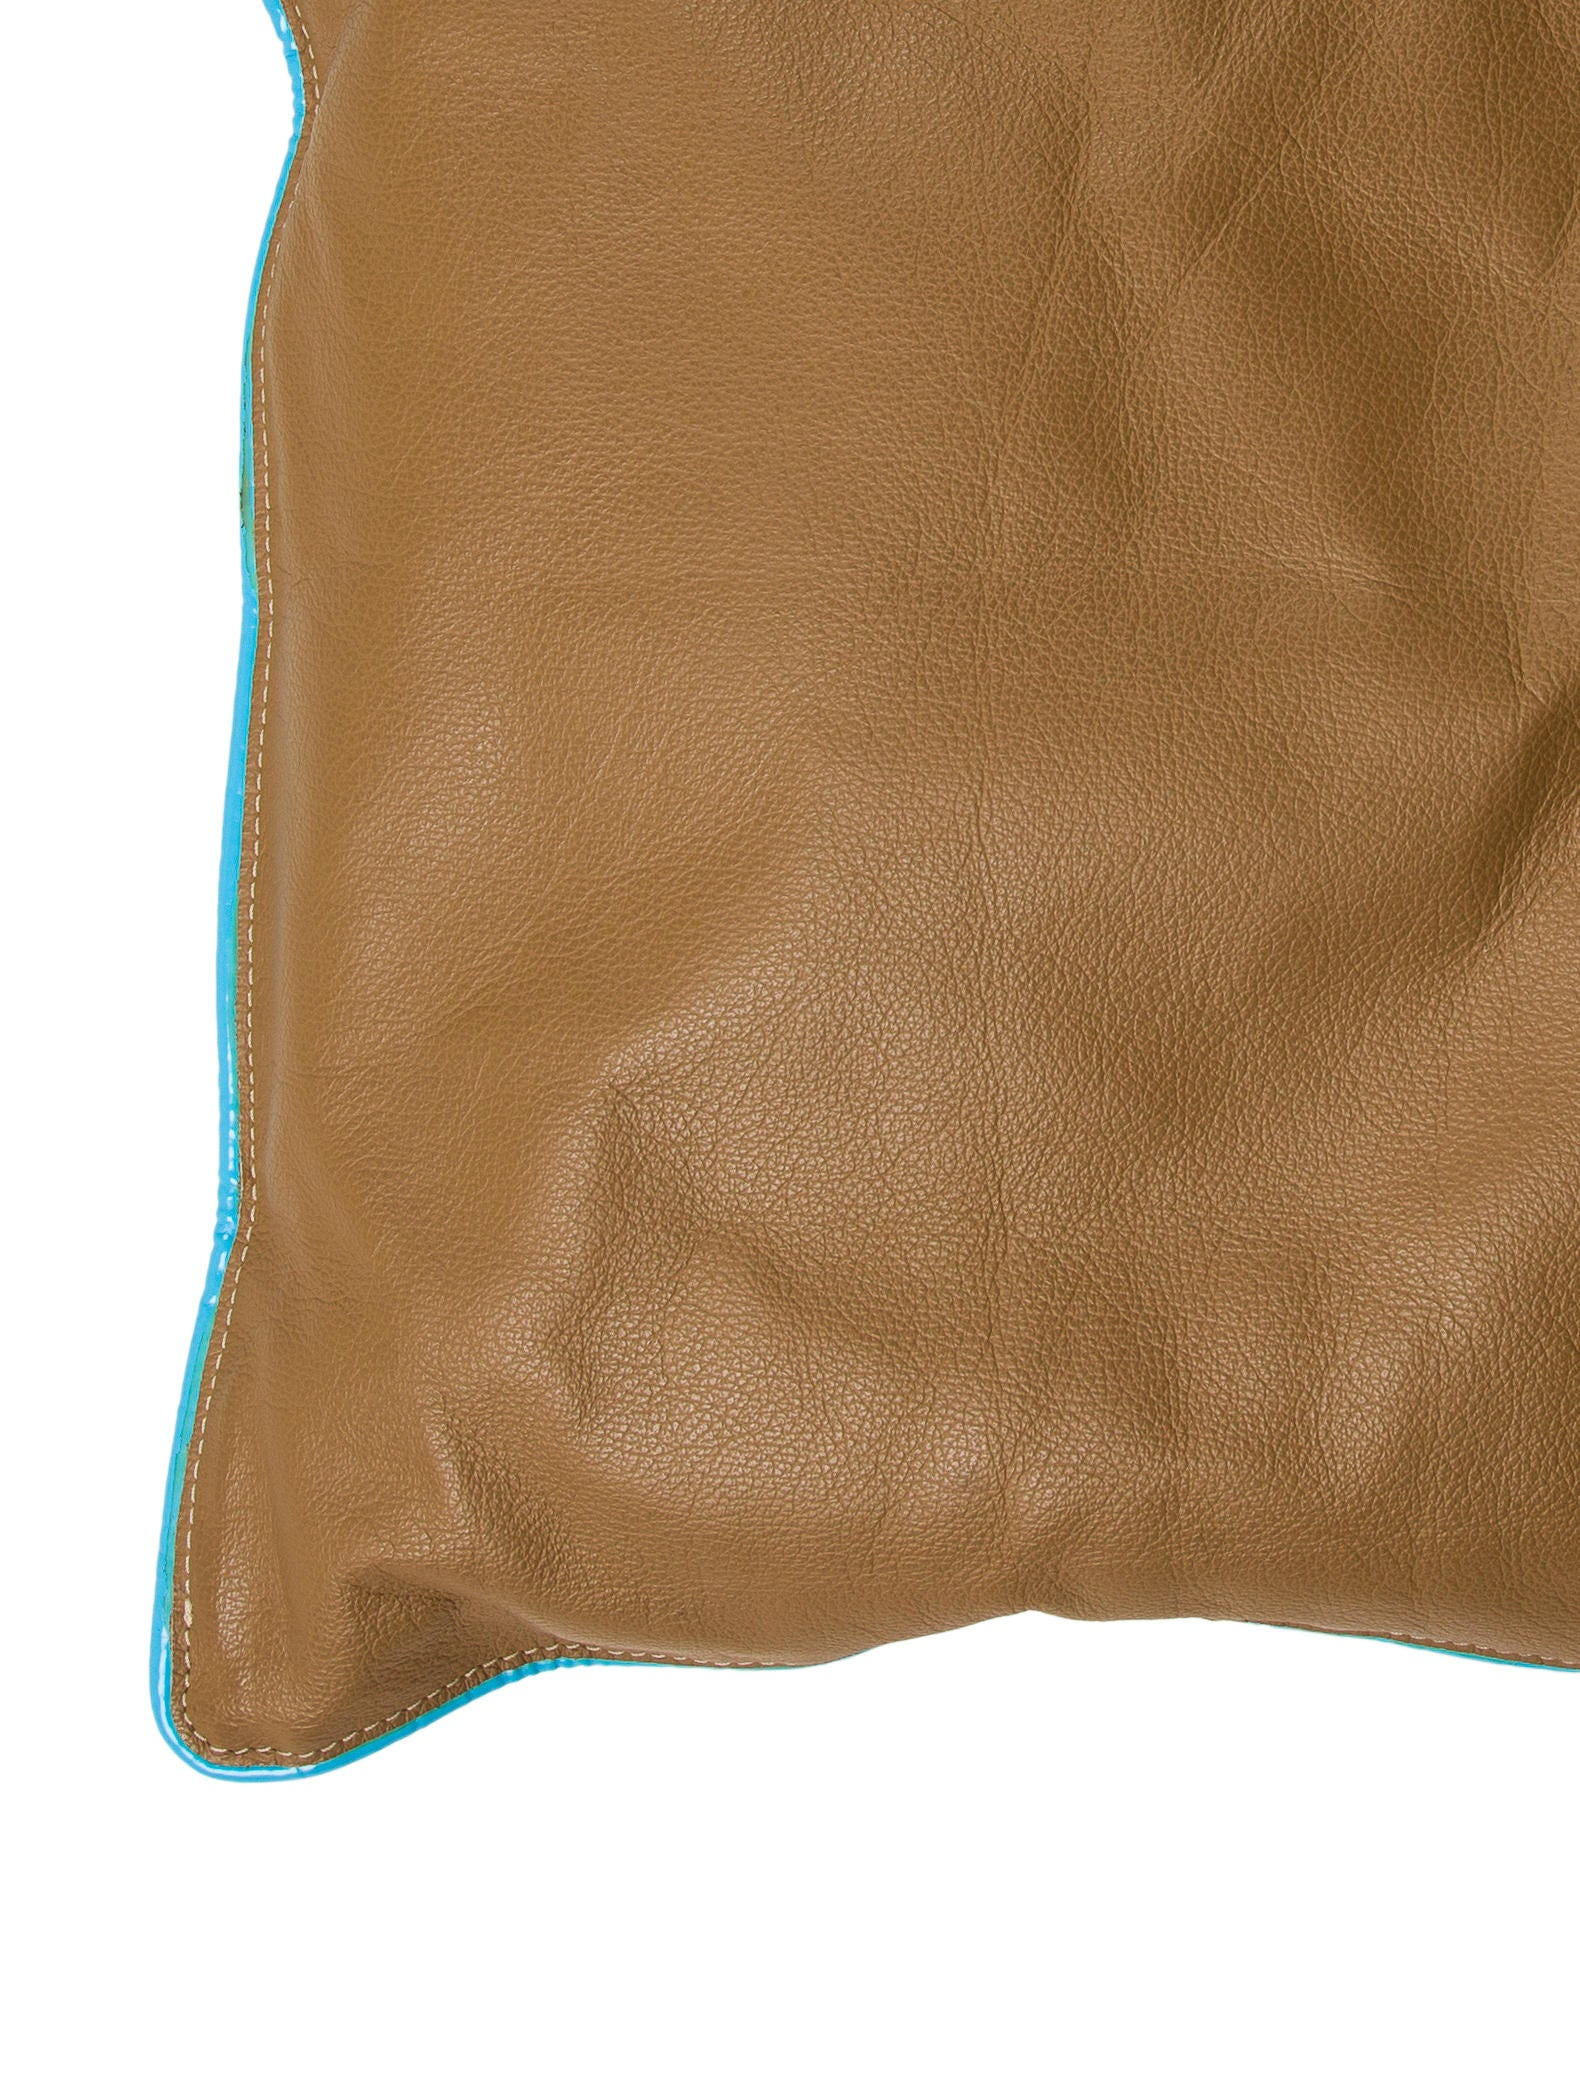 Jonathan Adler Leather-Paneled Throw Pillow - Bedding And Bath - JTADL20652 The RealReal